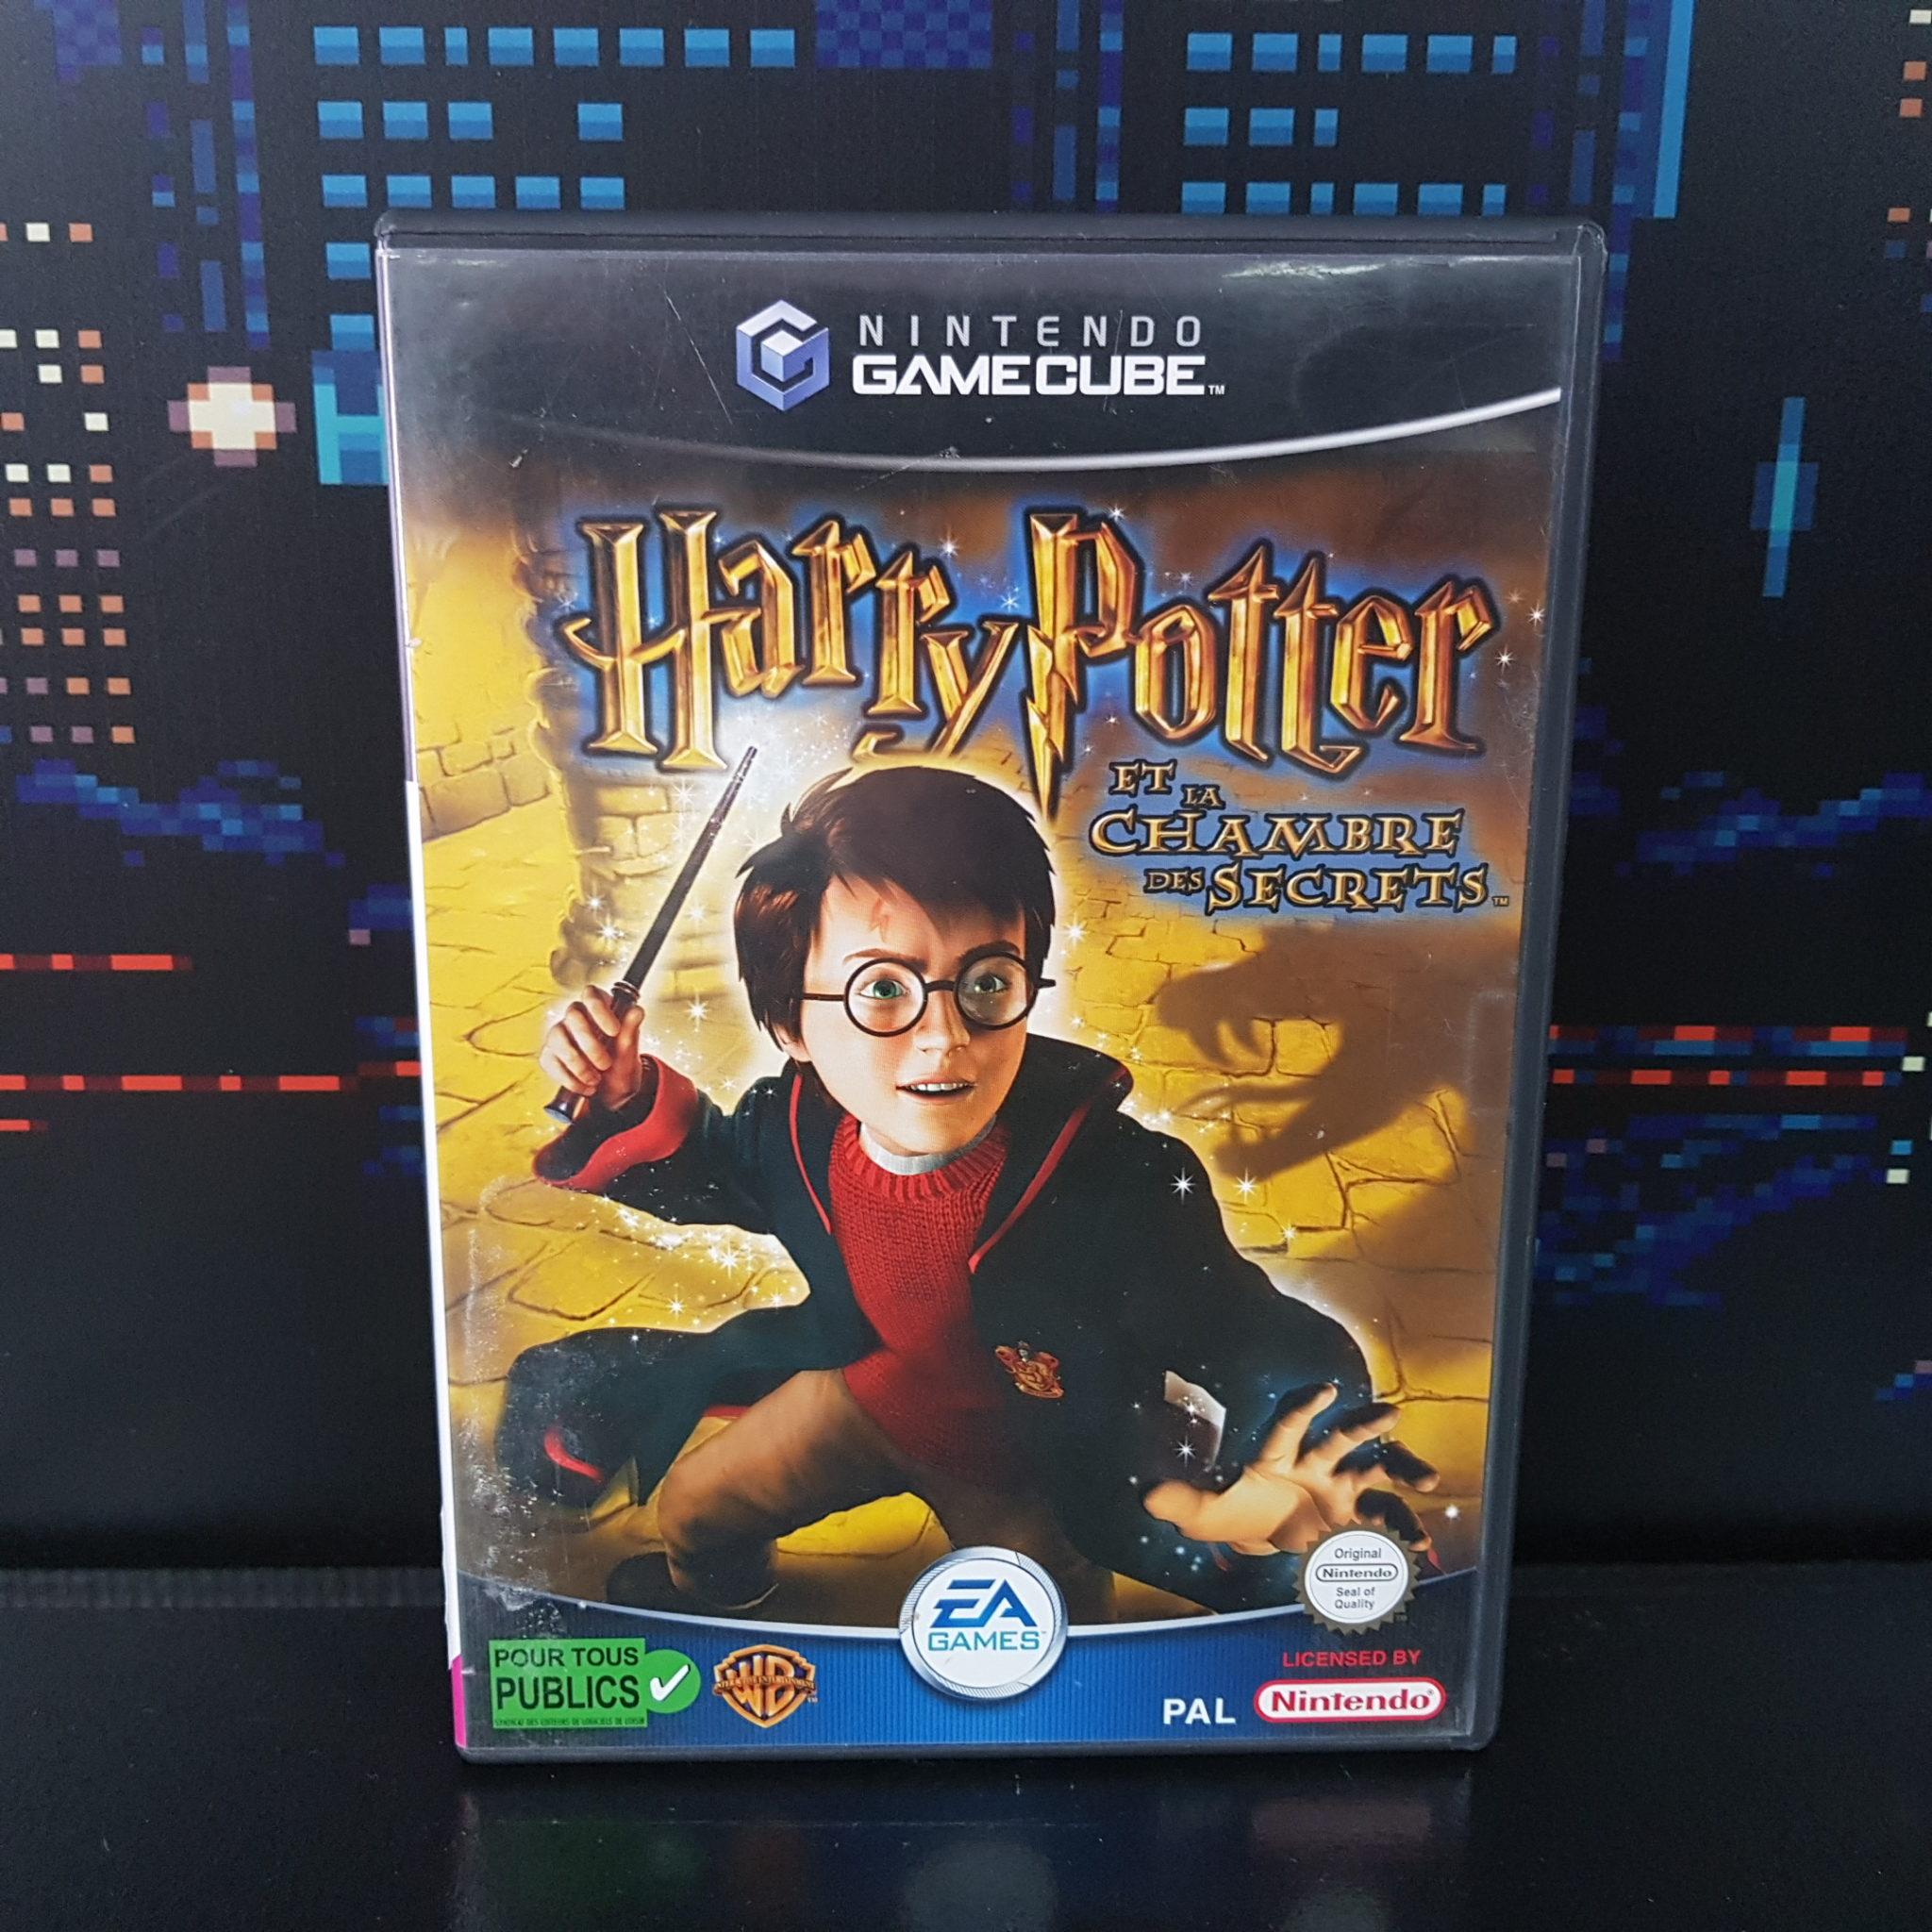 Harry potter et la chambre des secrets streets of cash - Harry potter et la chambre des secrets film complet vf ...